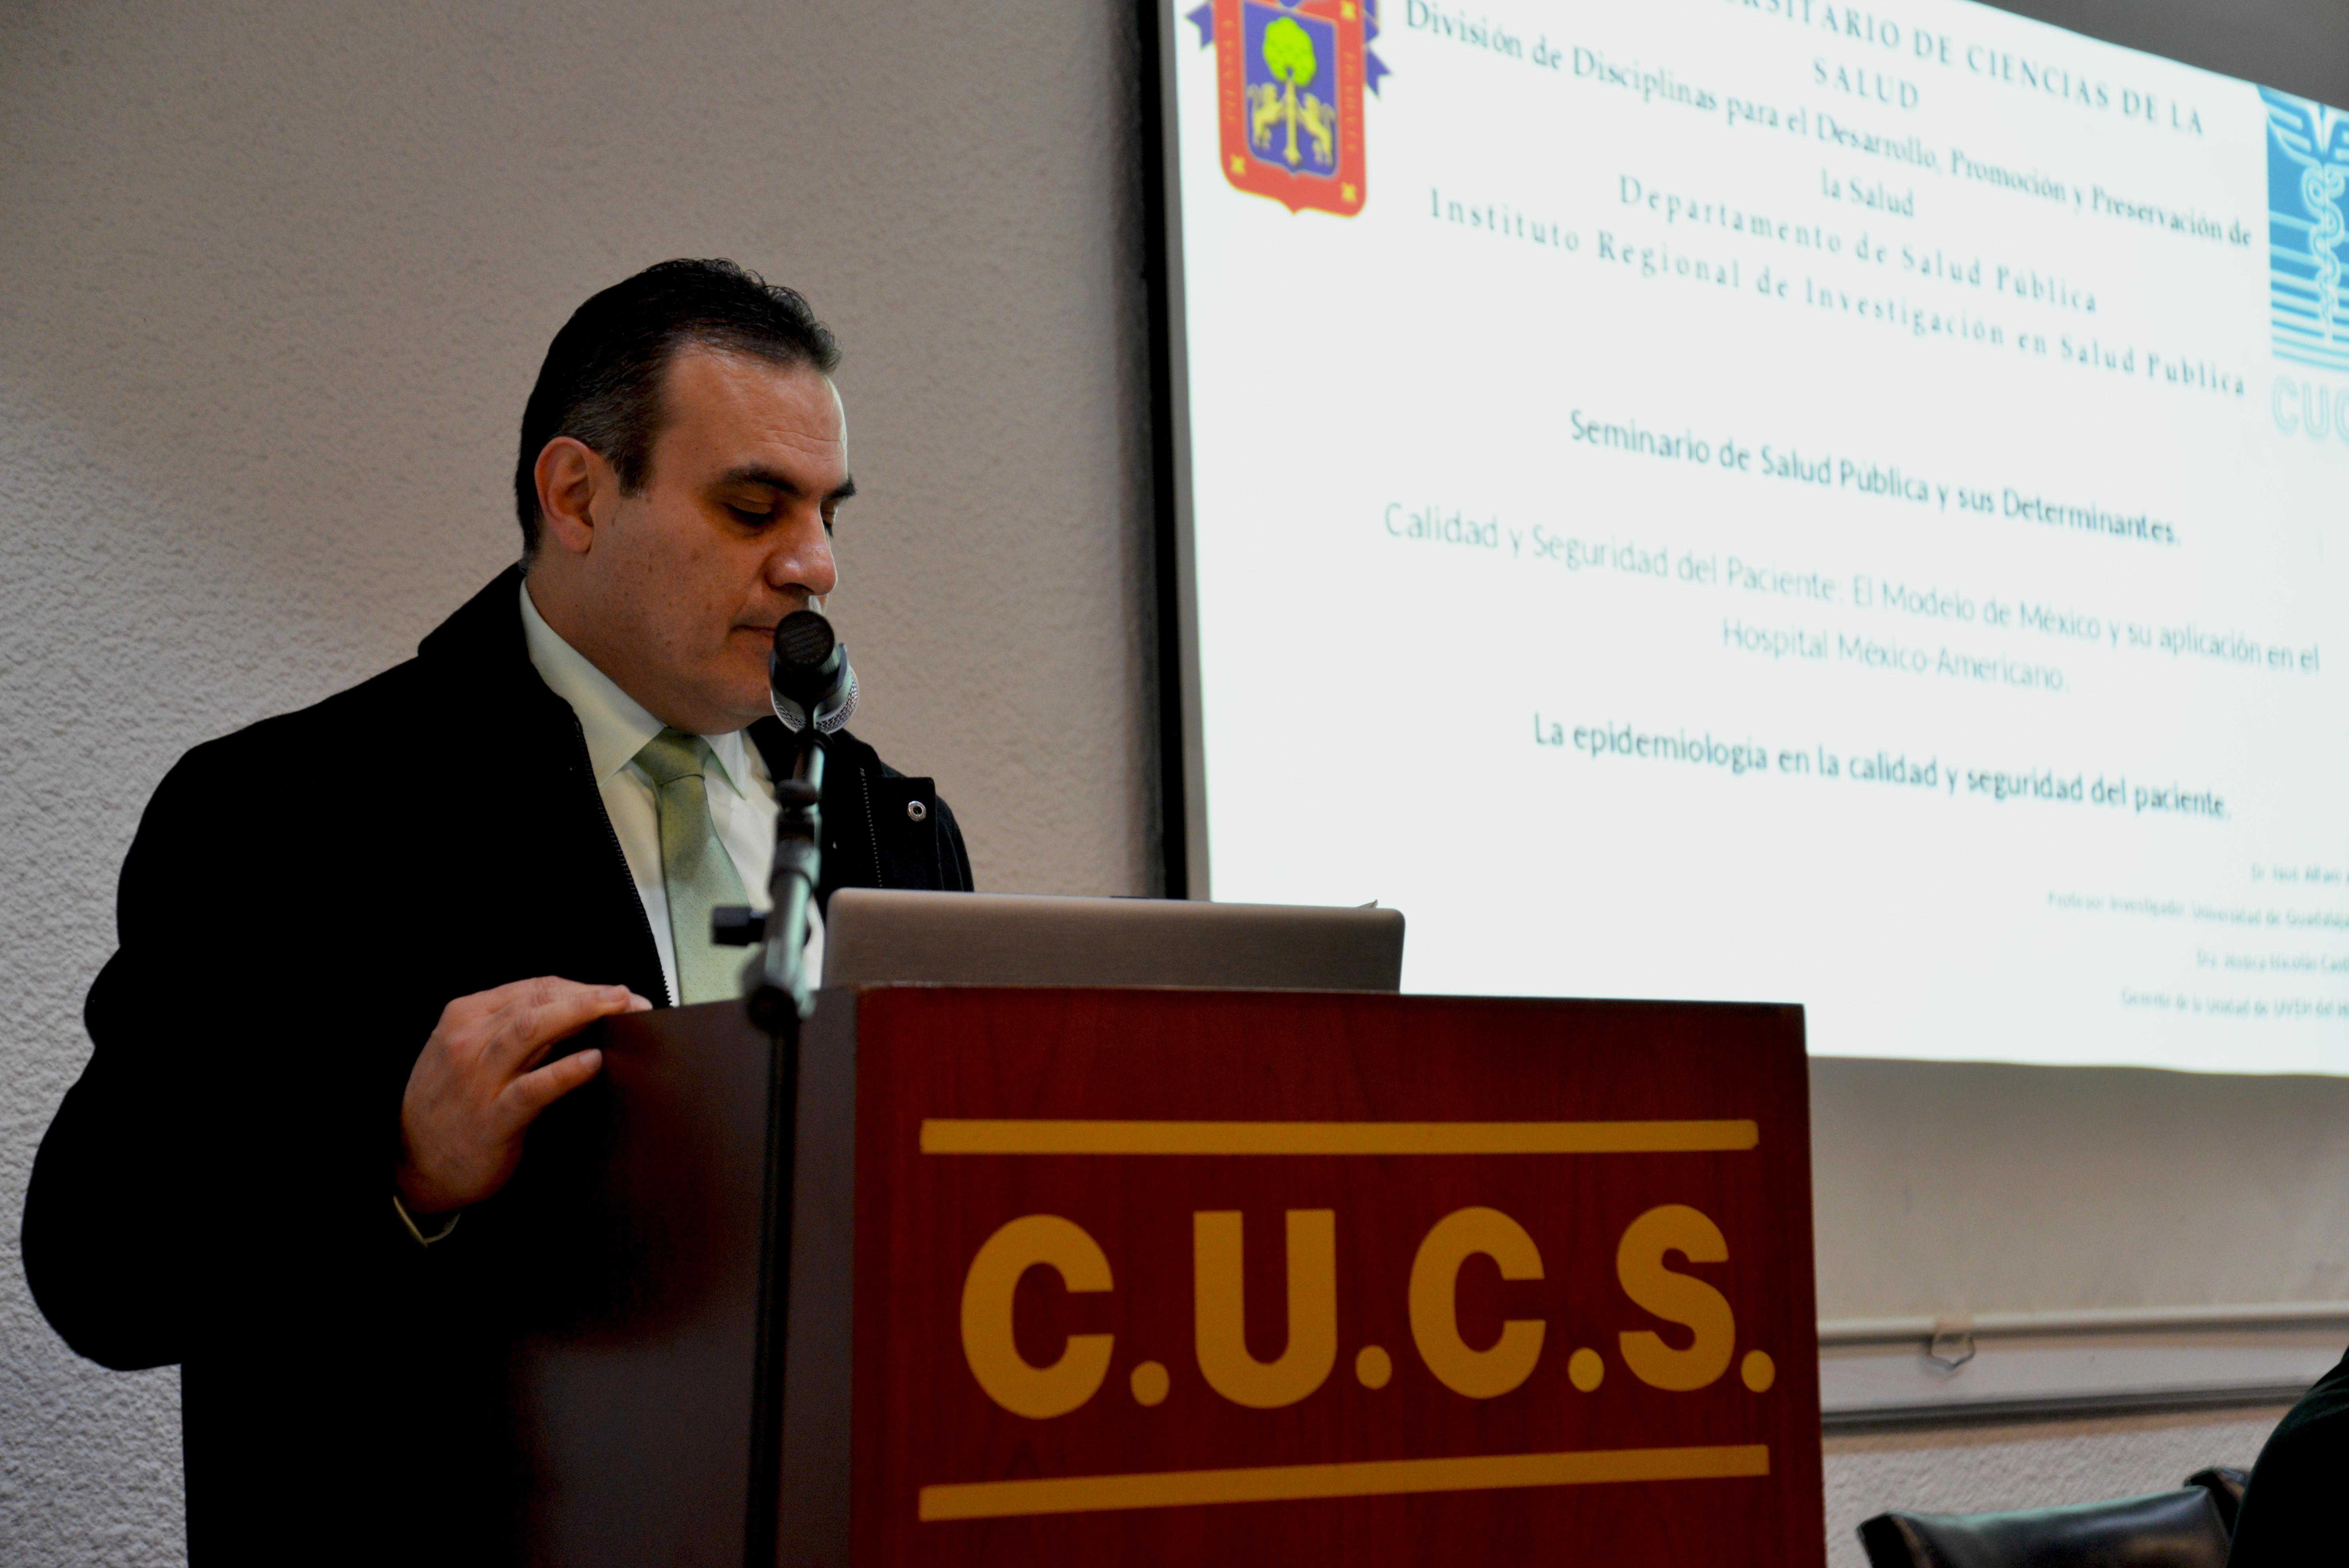 Dr. Igor Ramos al micrófono dando mensaje de bienvenida